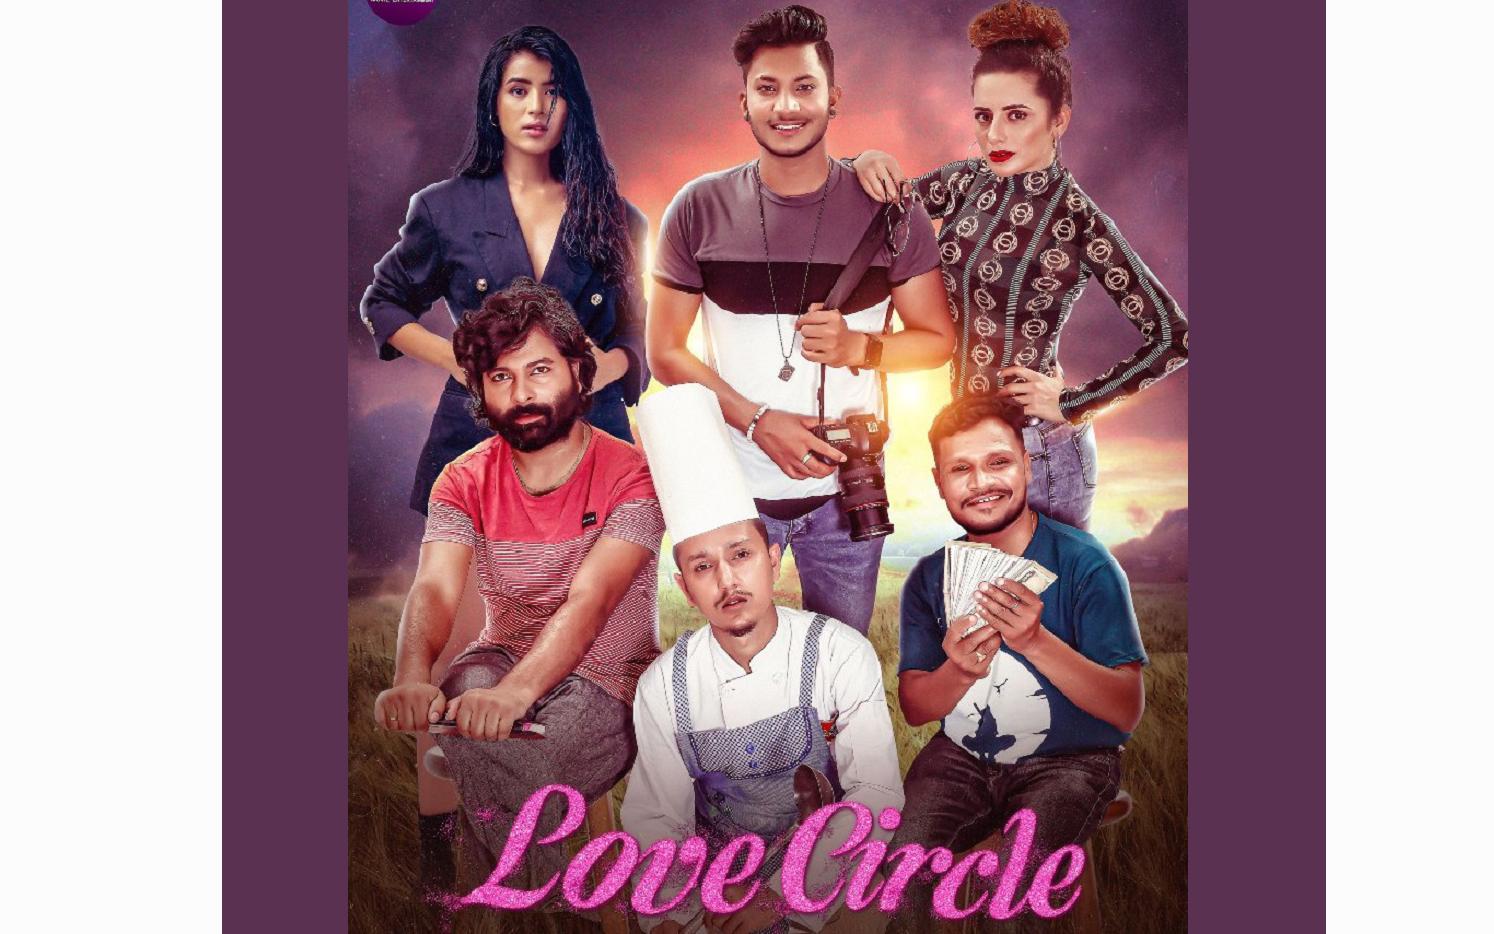 love-circle चलचित्र 'लव सर्कल'